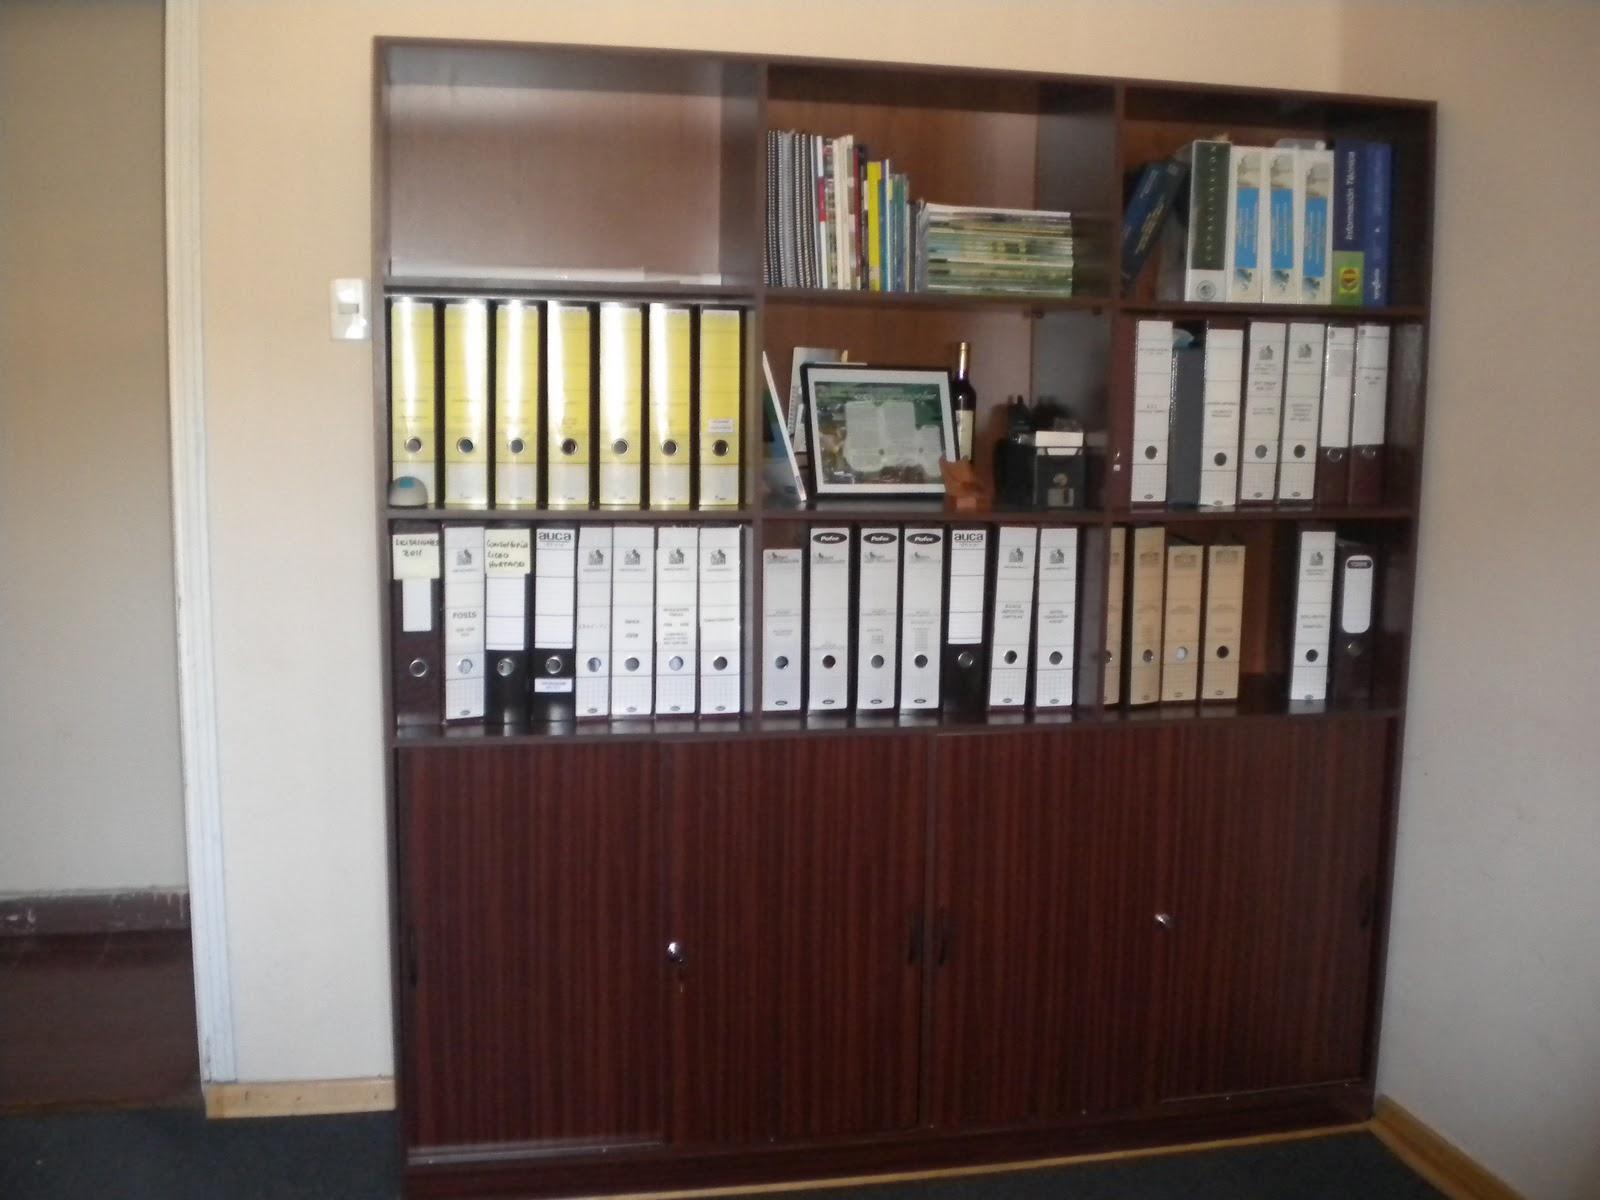 Planeta aserr n mueble archivador - Archivadores de madera ...